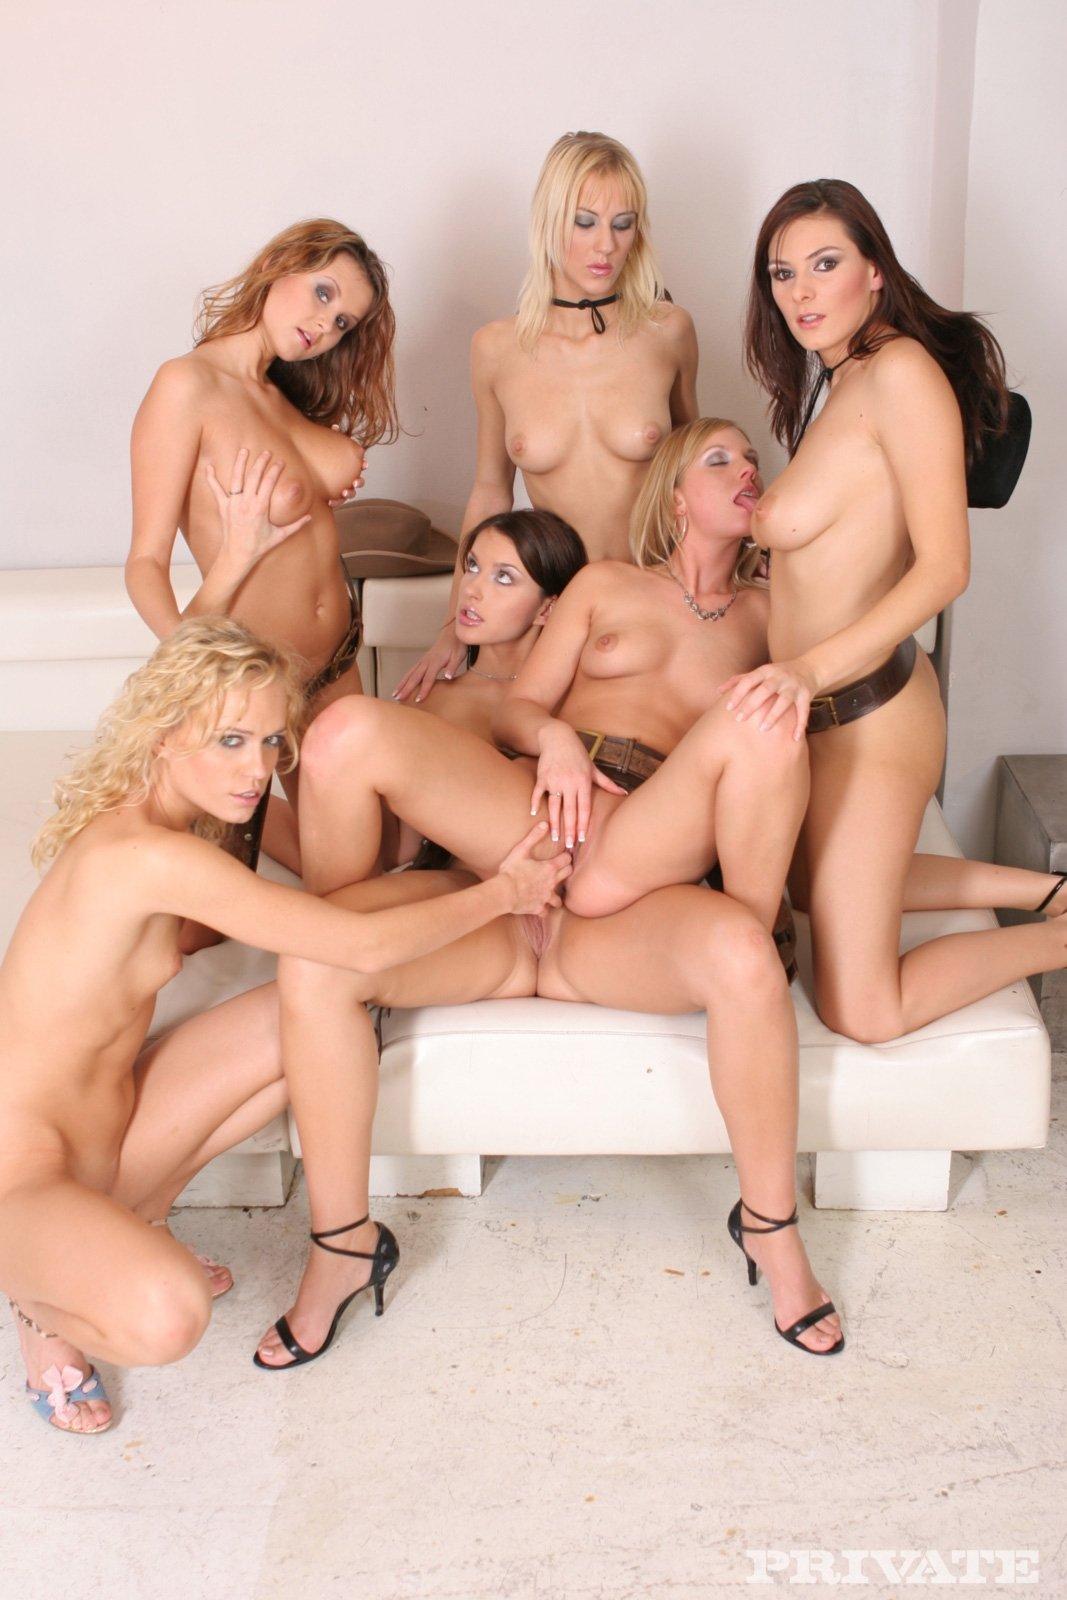 Оргия лесбиянок с игрушками из секс-шопа, голые девушки трахаются и кончают